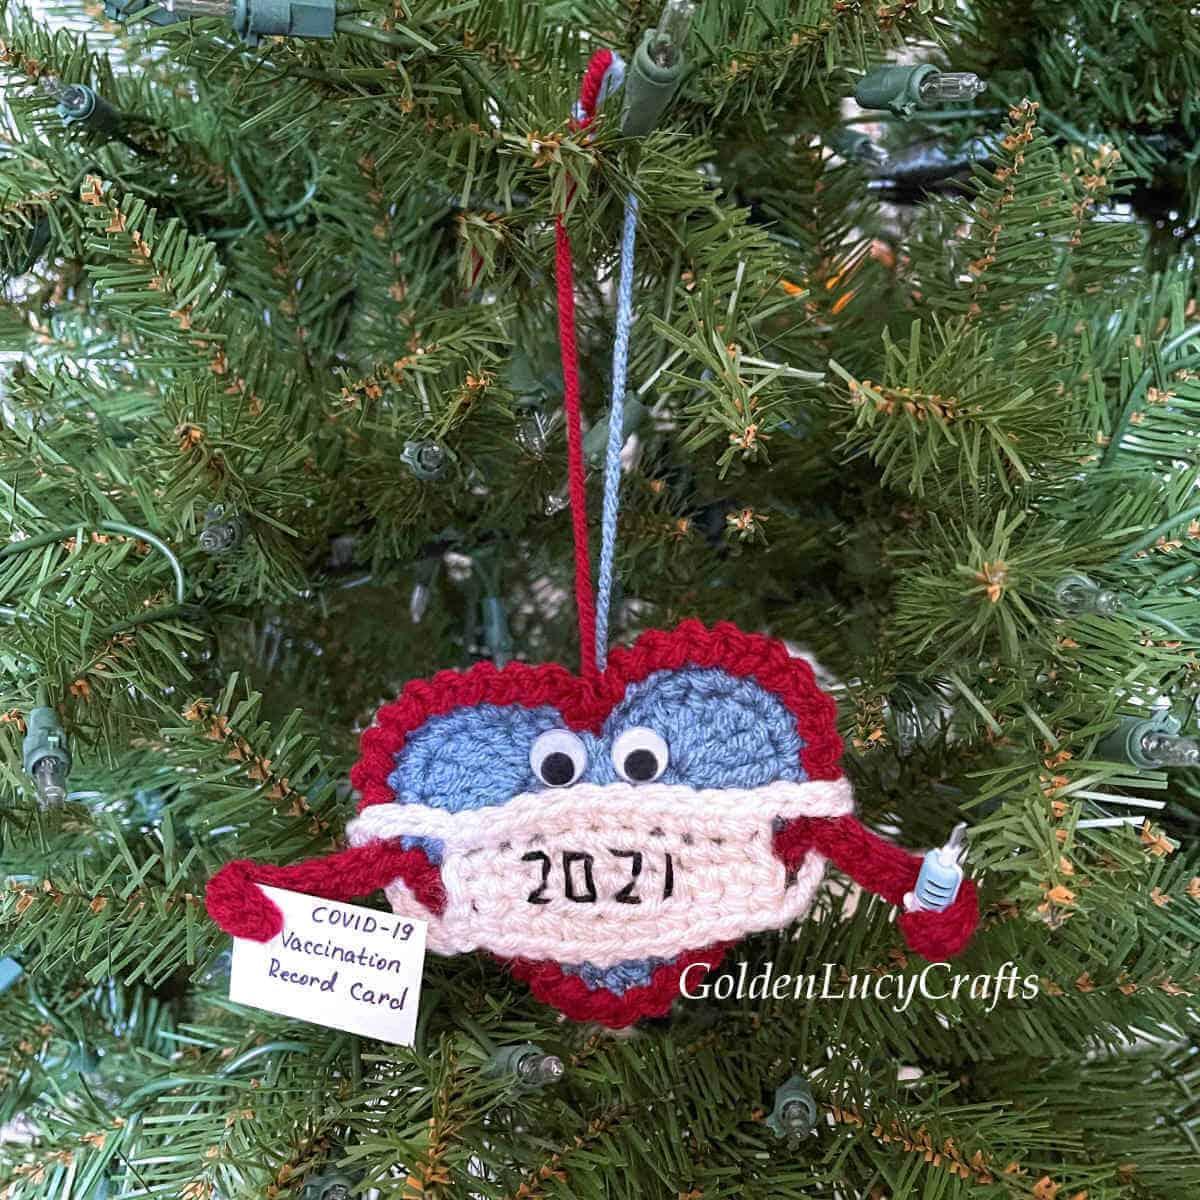 Enfeite de Natal de crochê de coração em máscara pendurada na árvore de Natal.